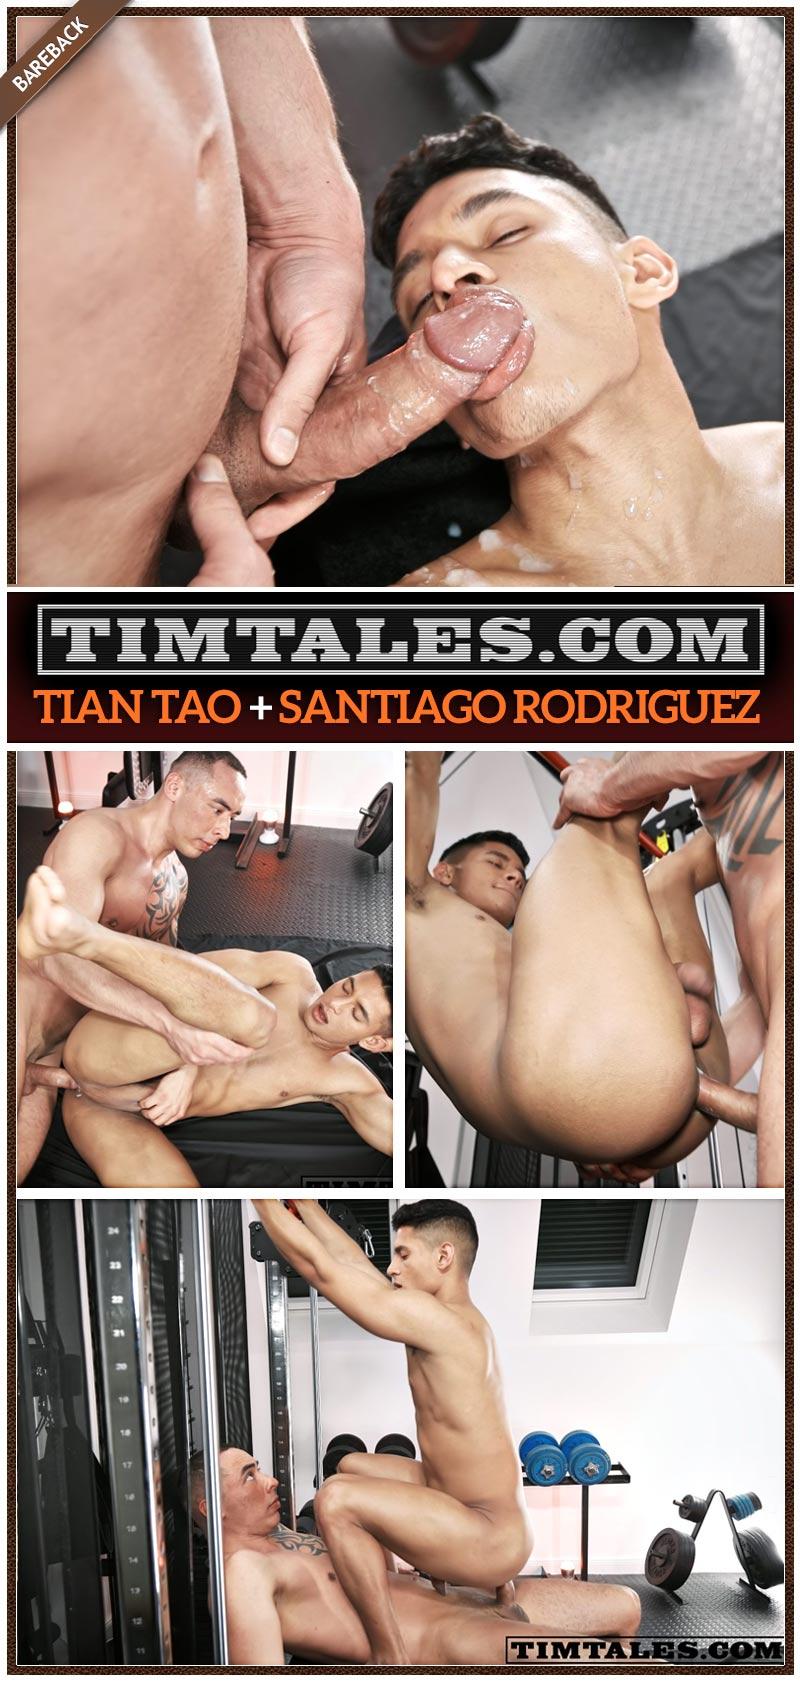 Tian Tao fucks Santiago Rodriguez Cover